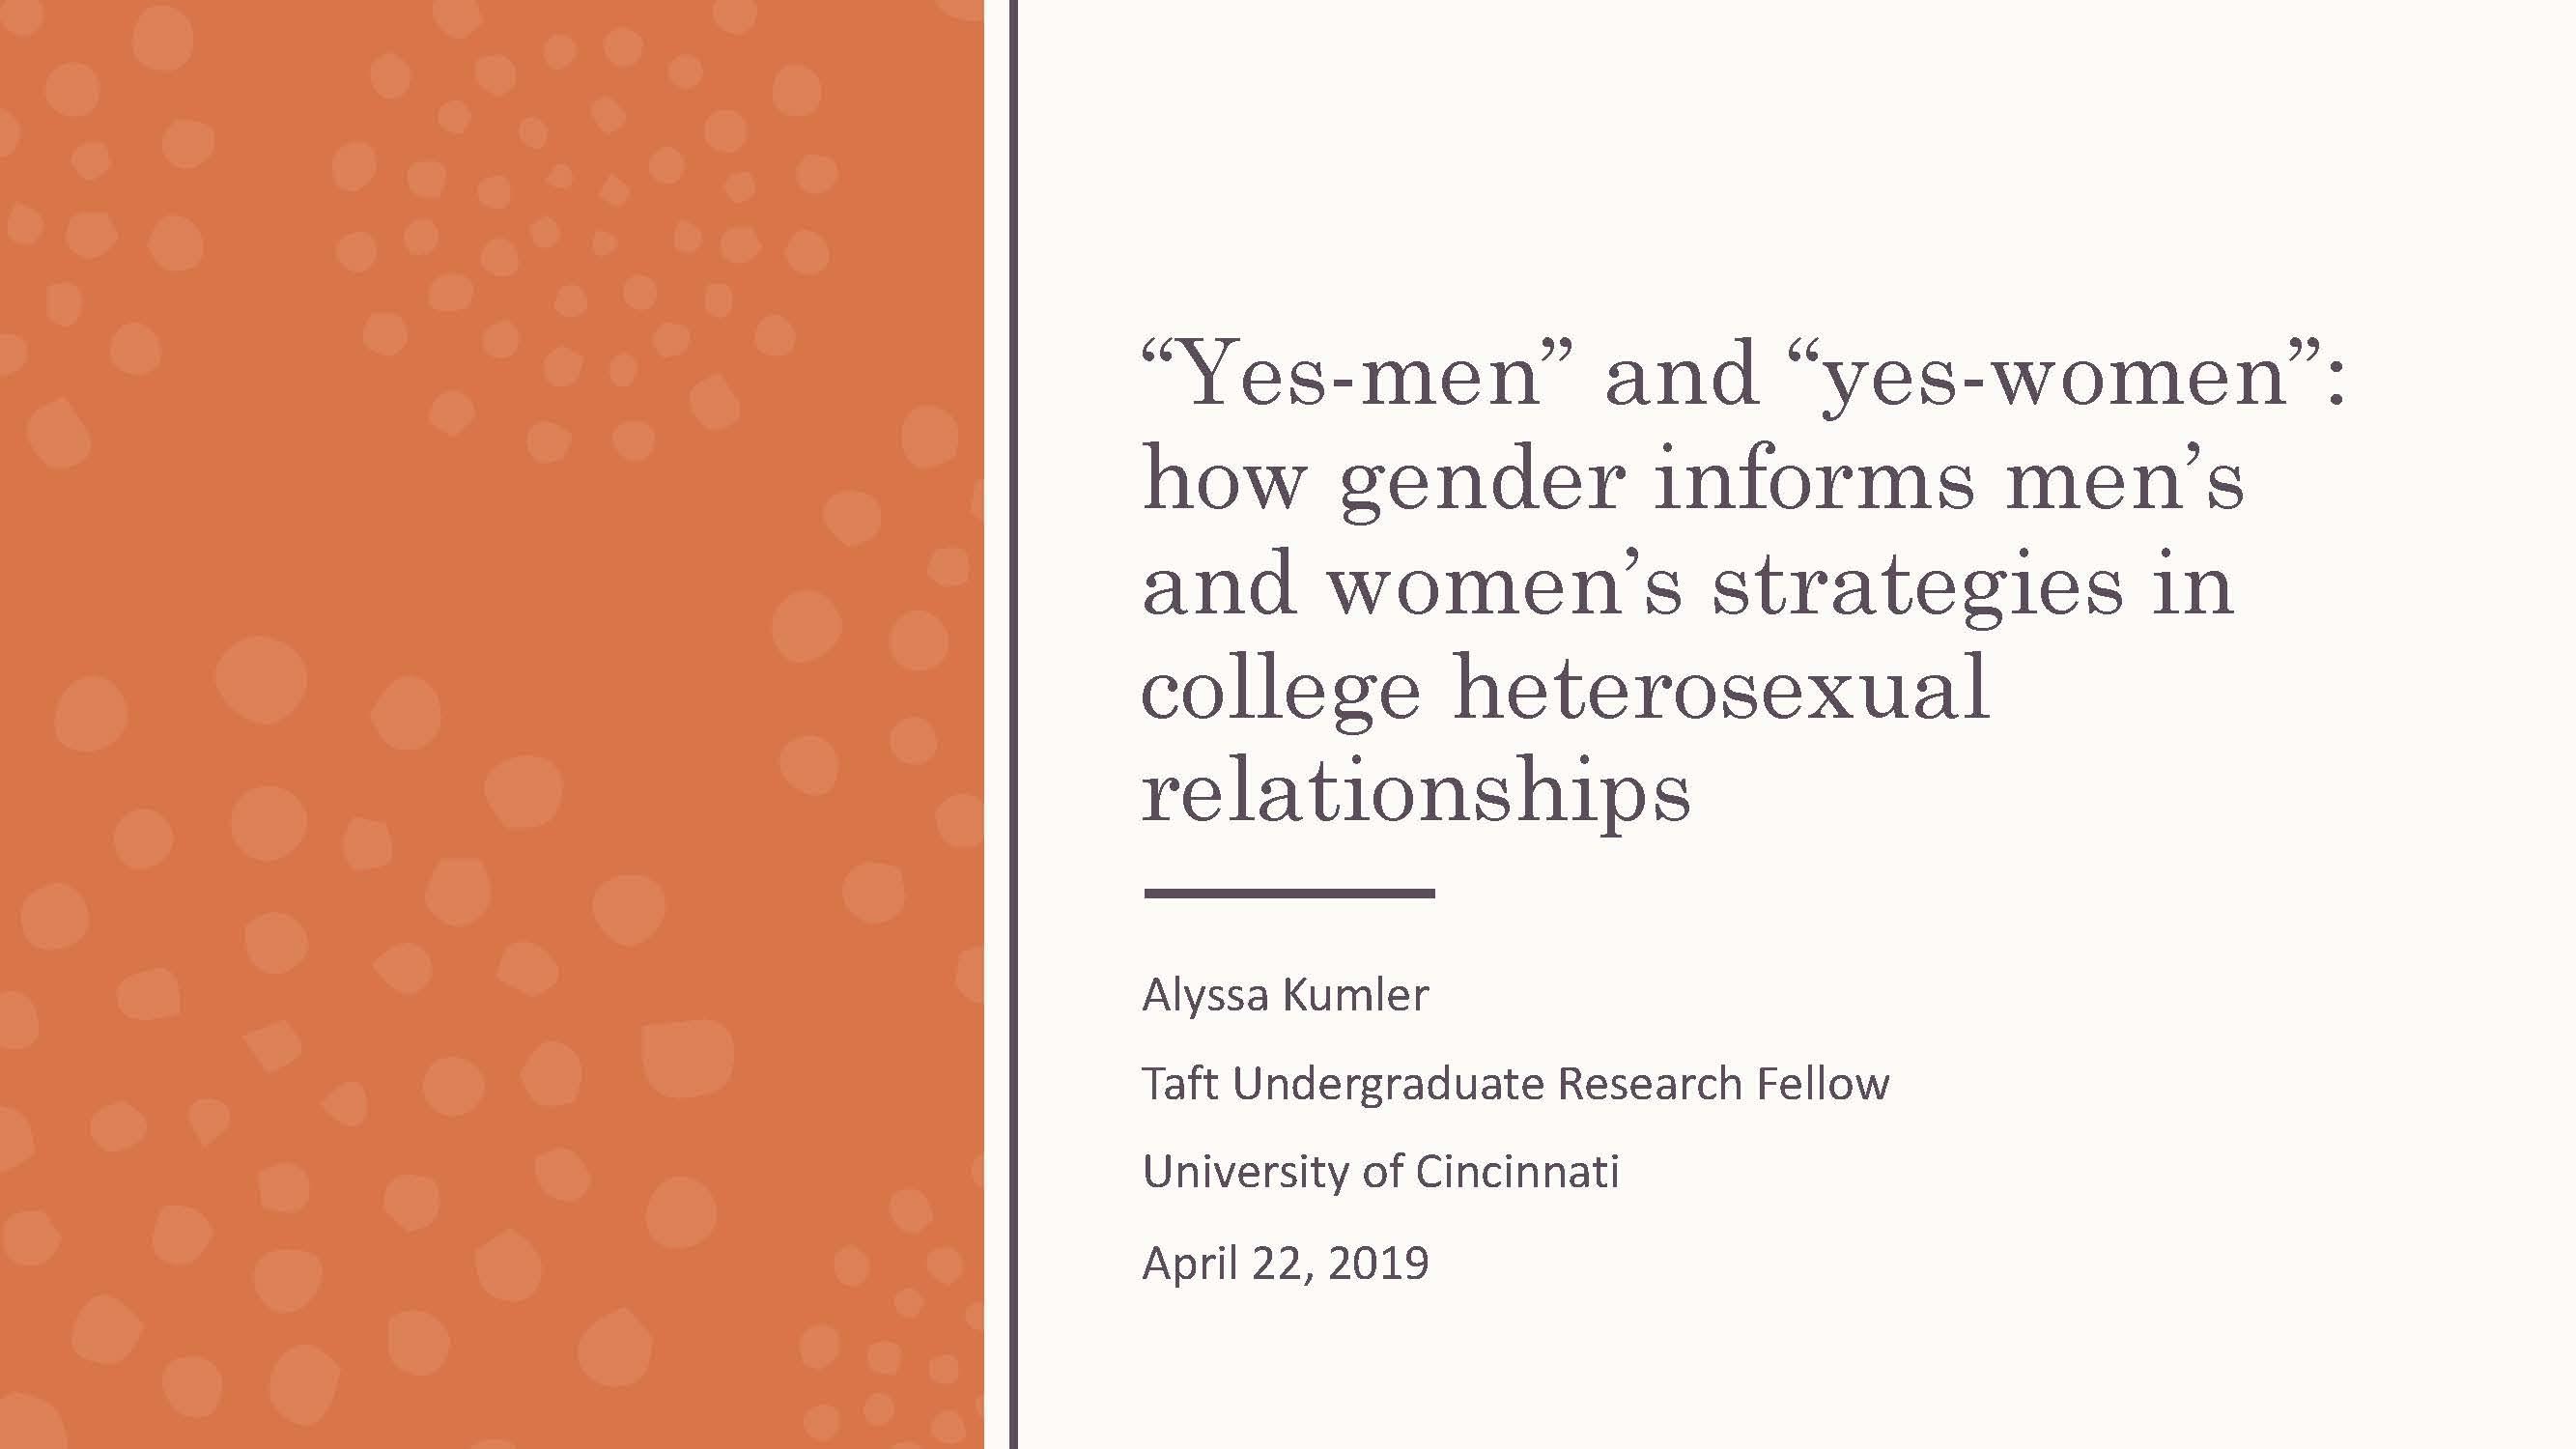 how gender informs men's and women's strategies in heterosexual college relationships